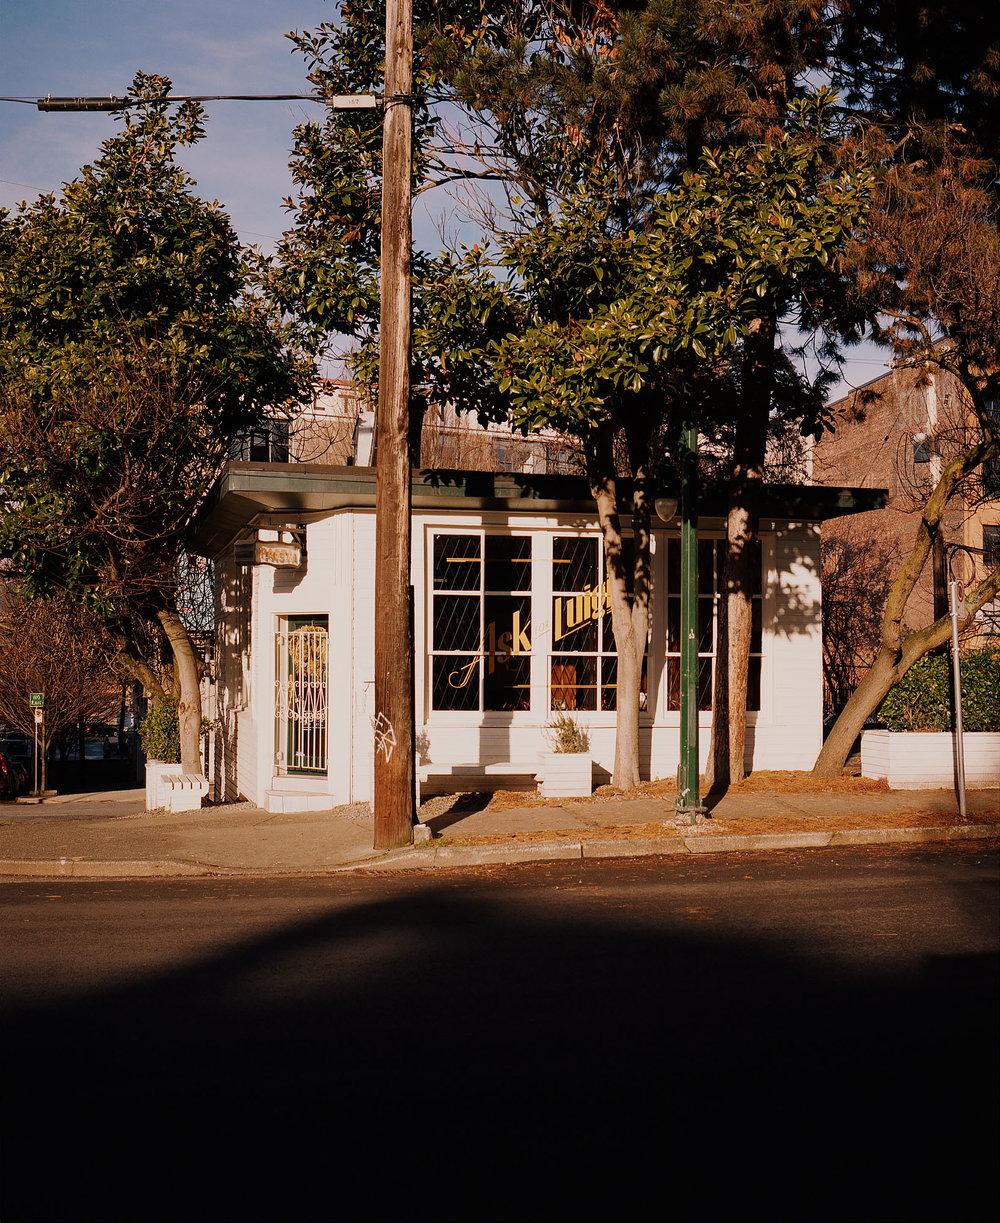 District_ForestAvenue__04.jpg